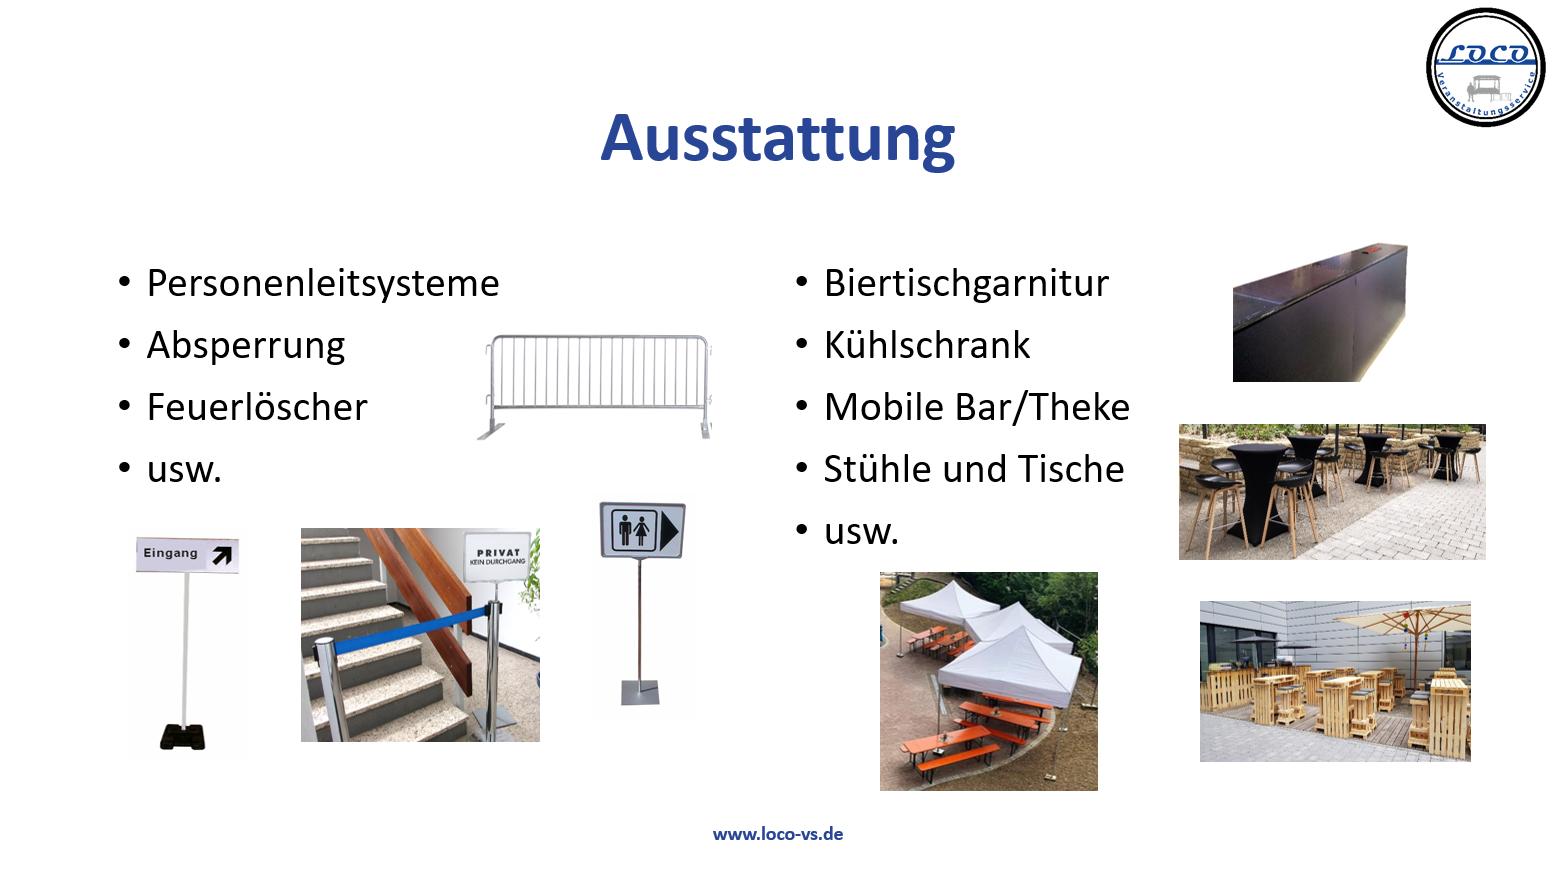 Ausstattung Personenleitsysteme Absperrung Feuerlöscher Biertischgarnitur Kühlschrank Bar Theke Garnituren